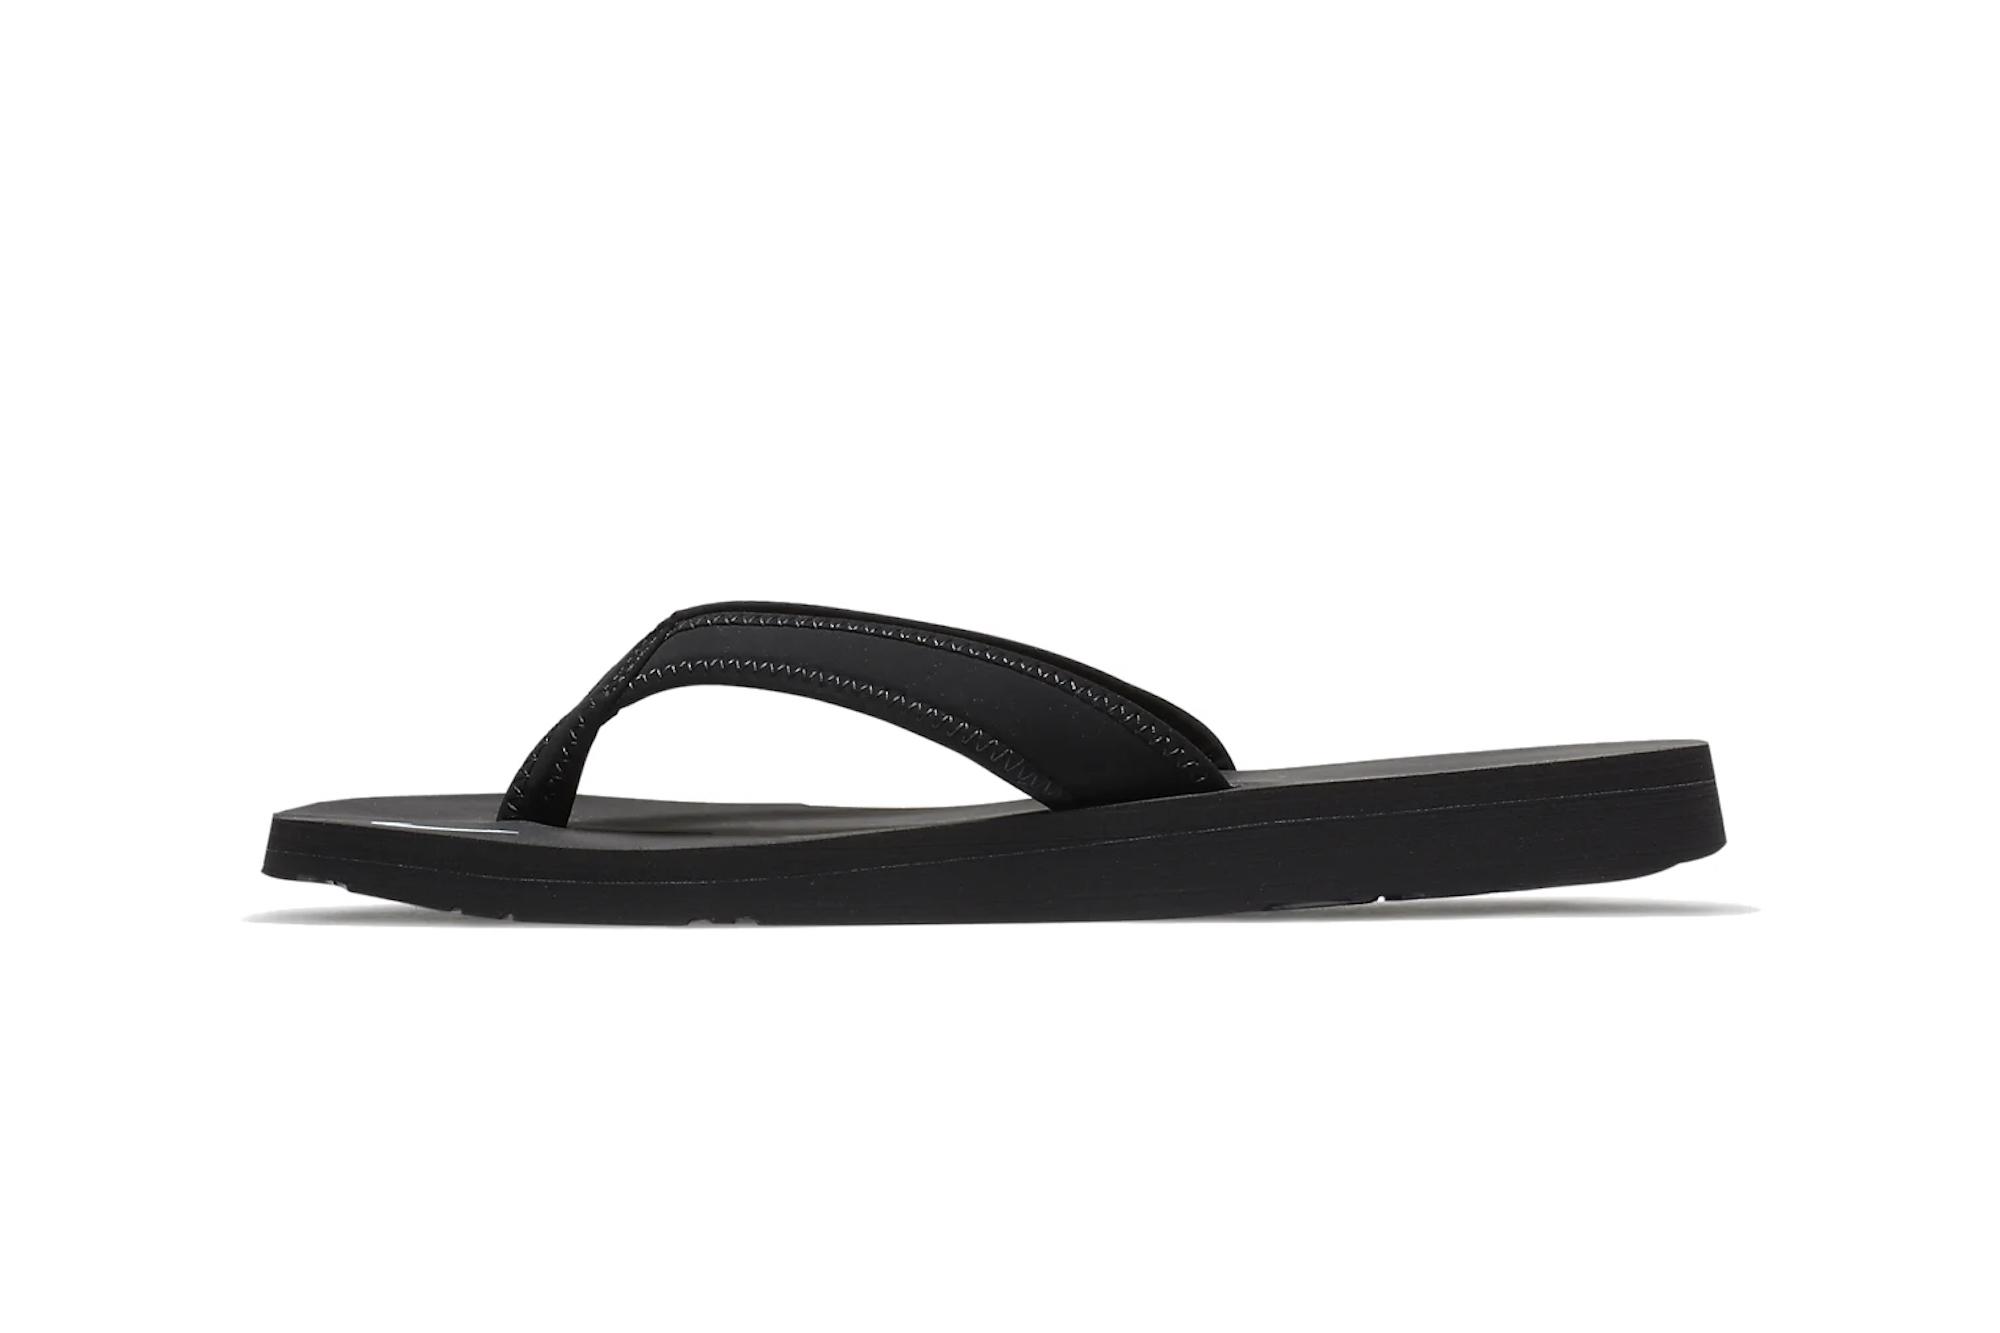 Nike 90s Black Flip Flops Slippers